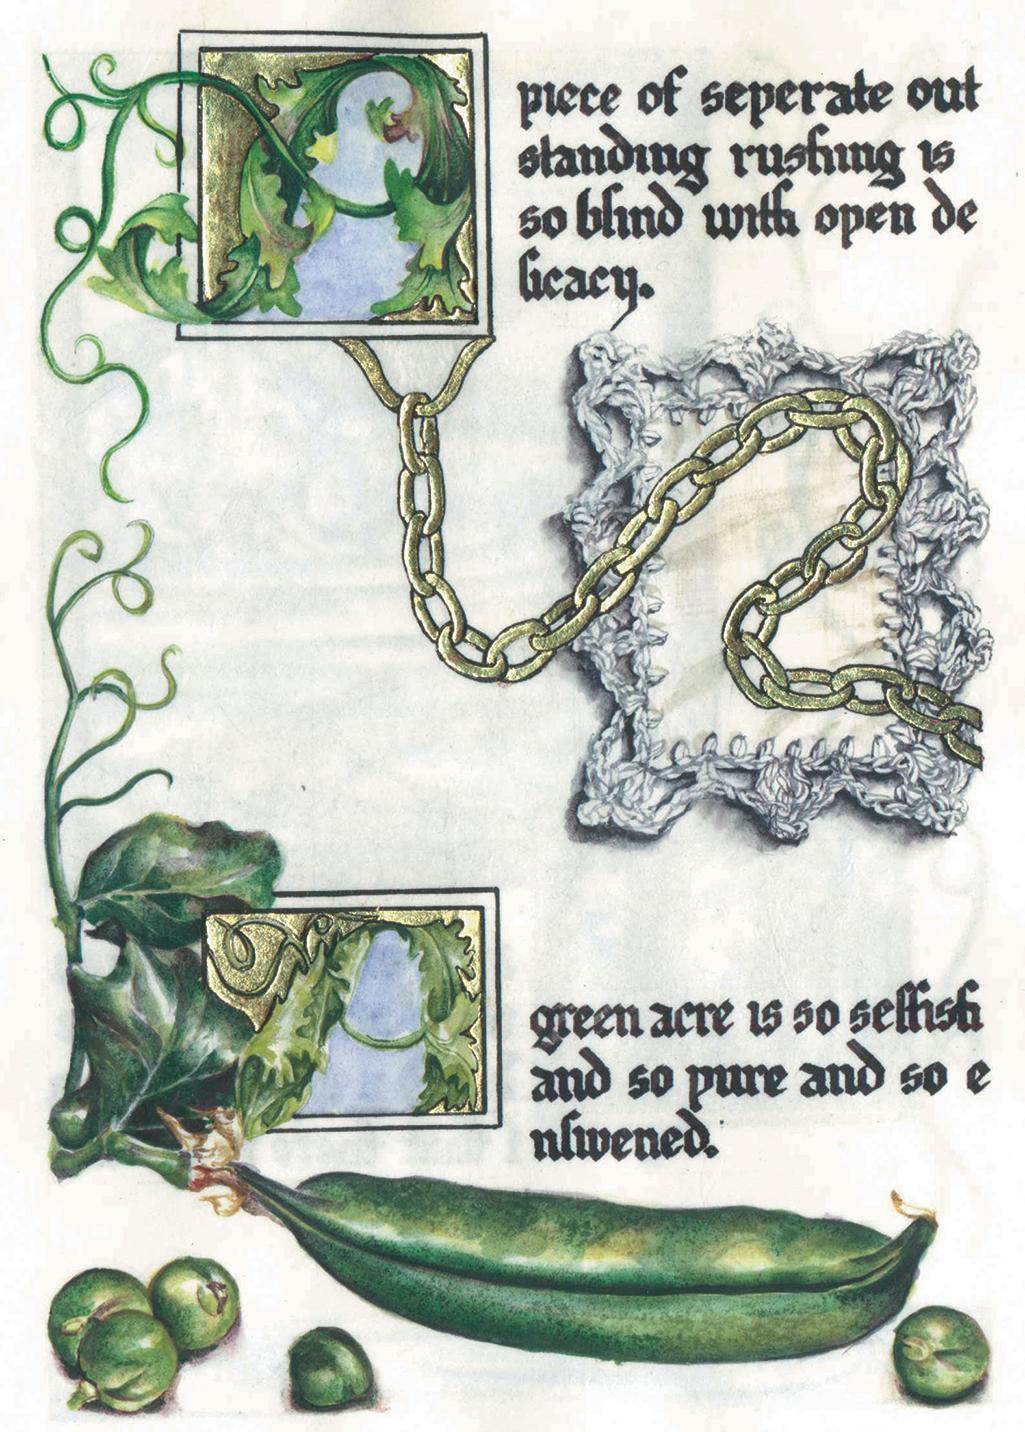 cathy weber - art - artmaker - watercolor - parchment- montana - Gertrude - stein - tender buttons - illumination - book - artist